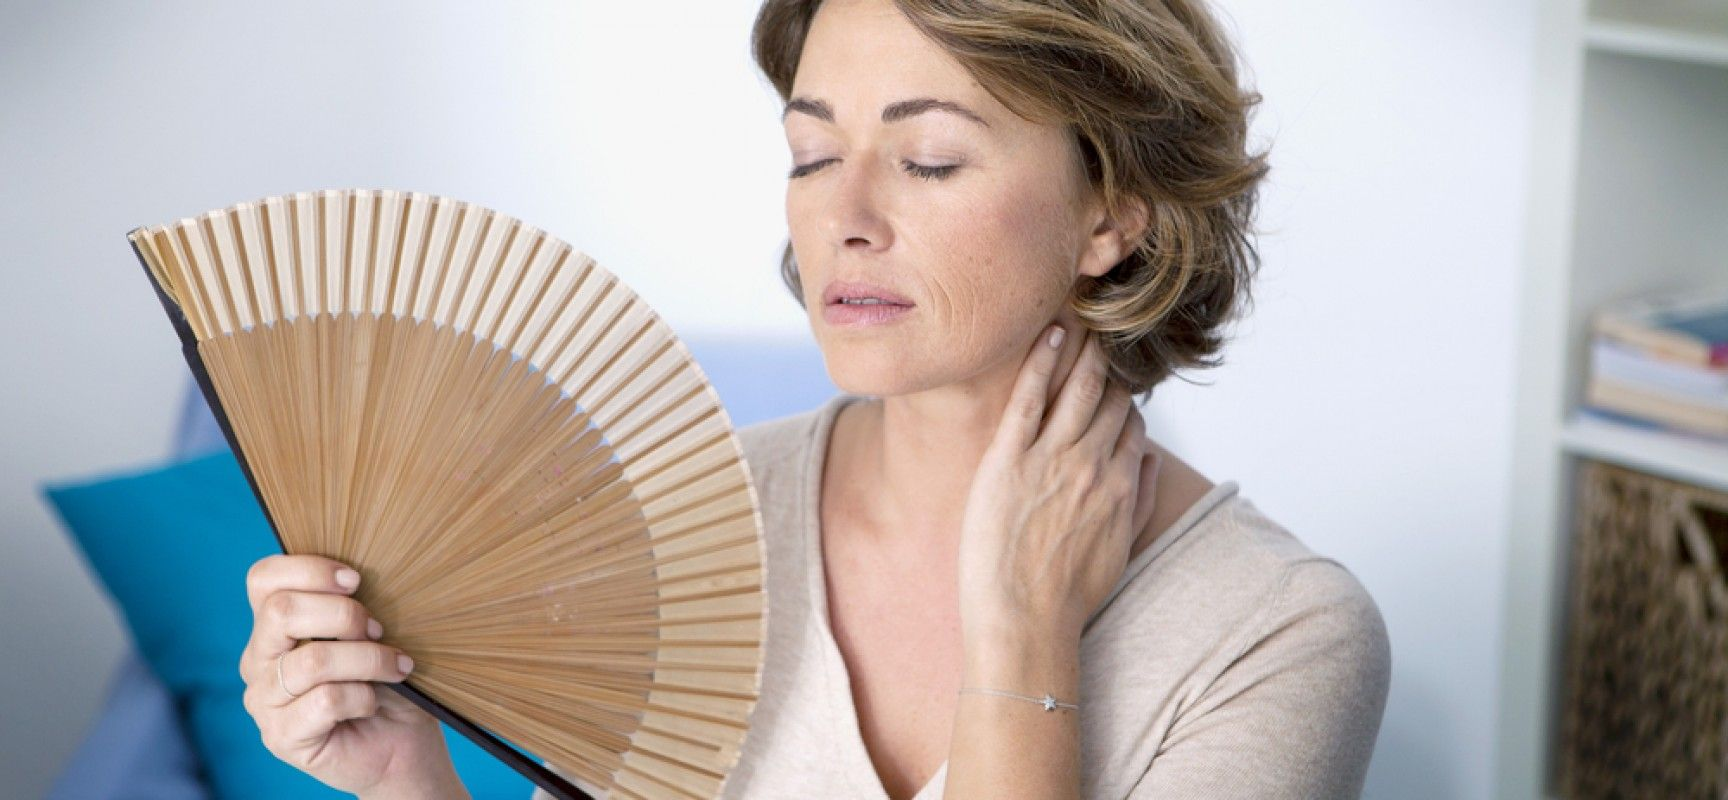 ¿Cómo controlar los síntomas de la menopausia?